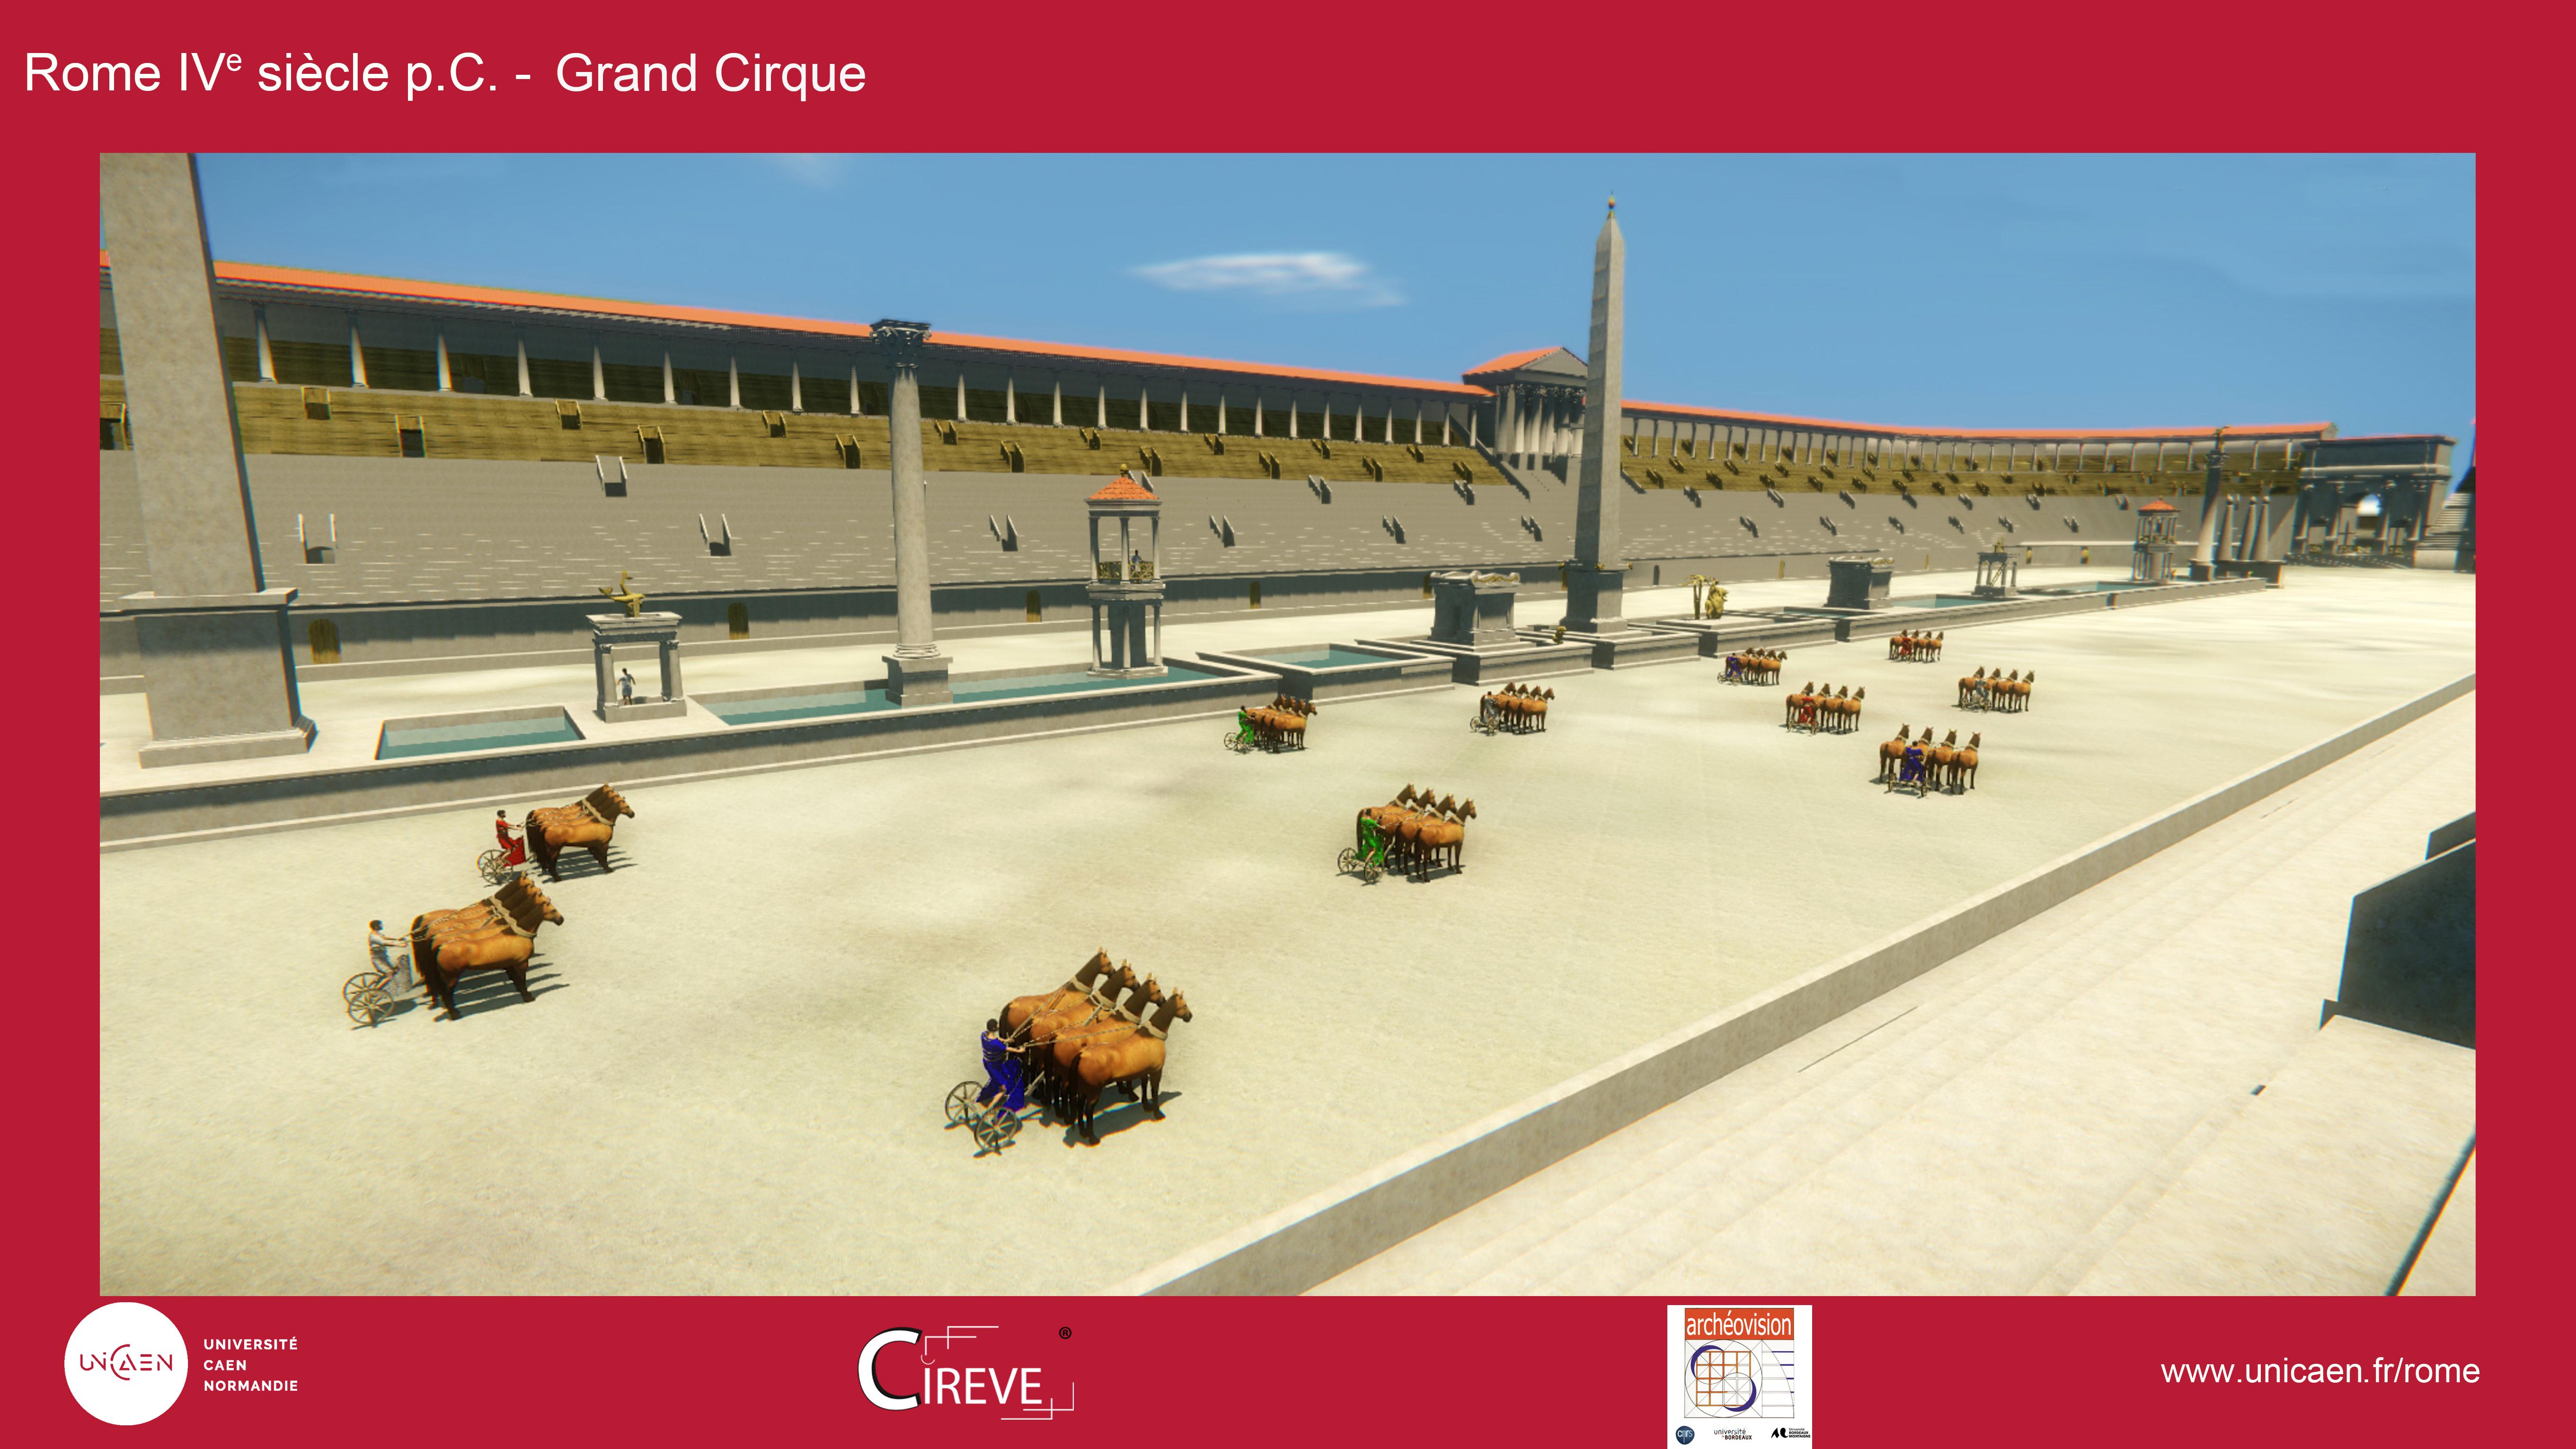 Grand Cirque